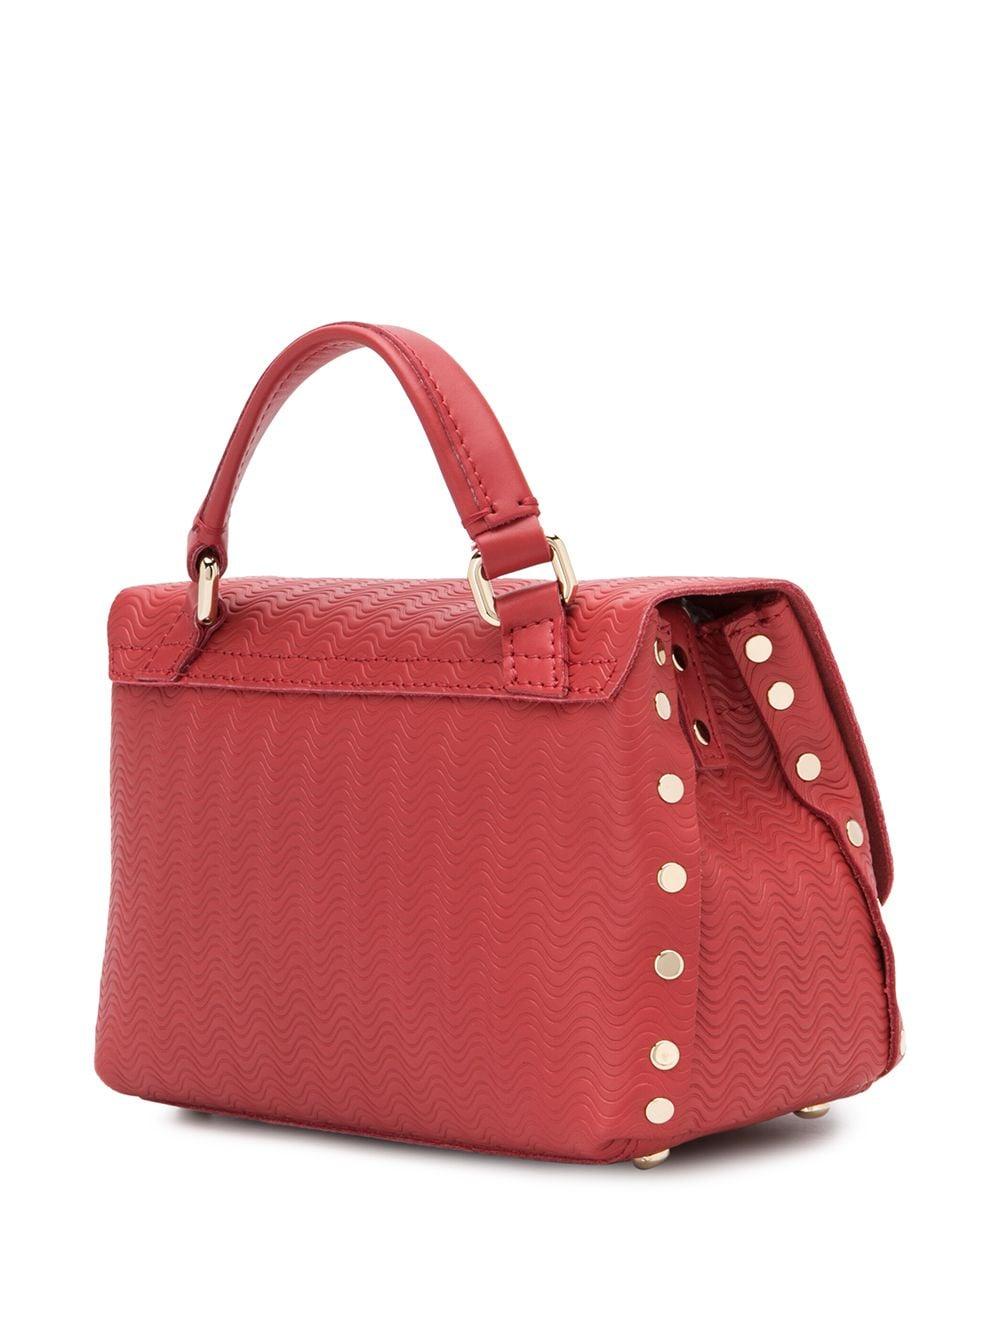 Picture of Zanellato | Postina Cross-Body Bag